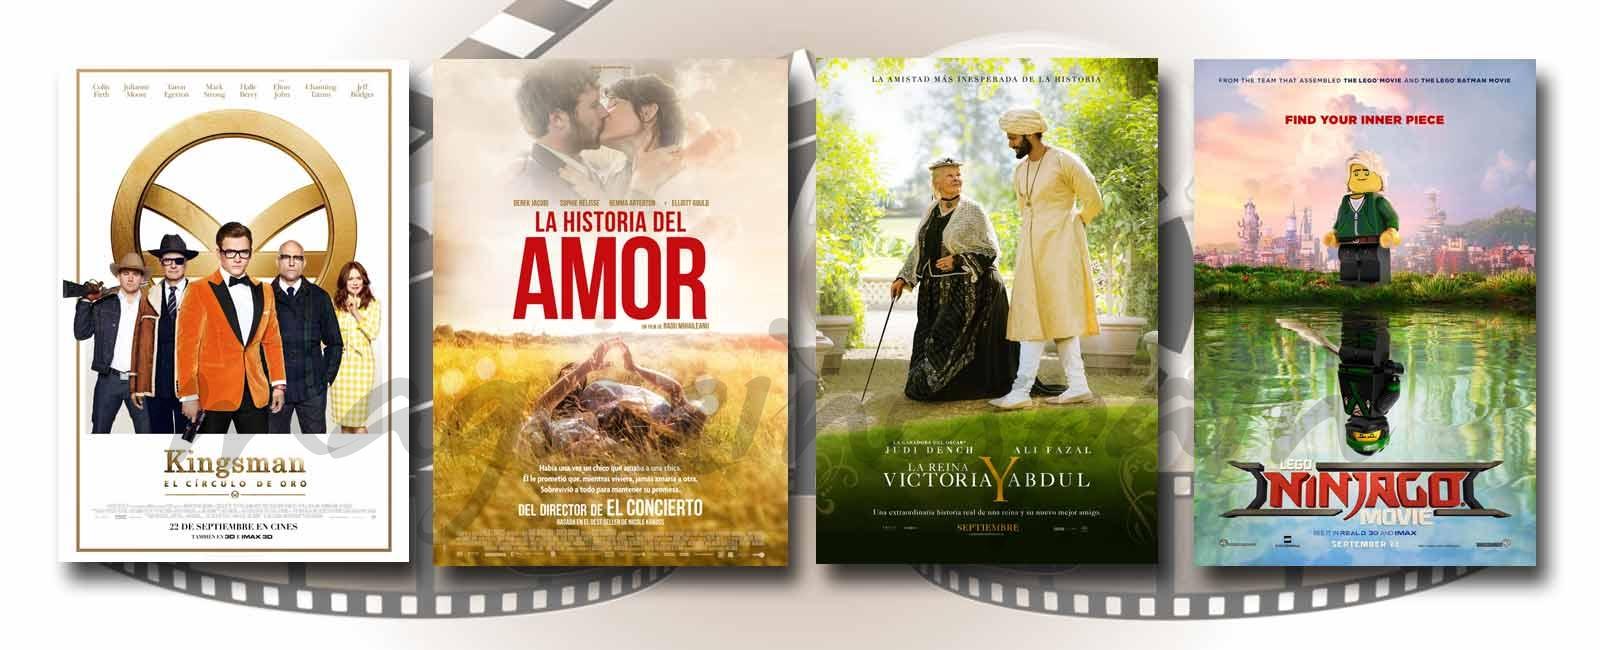 Estrenos de Cine de la Semana… 22 de Septiembre 2017